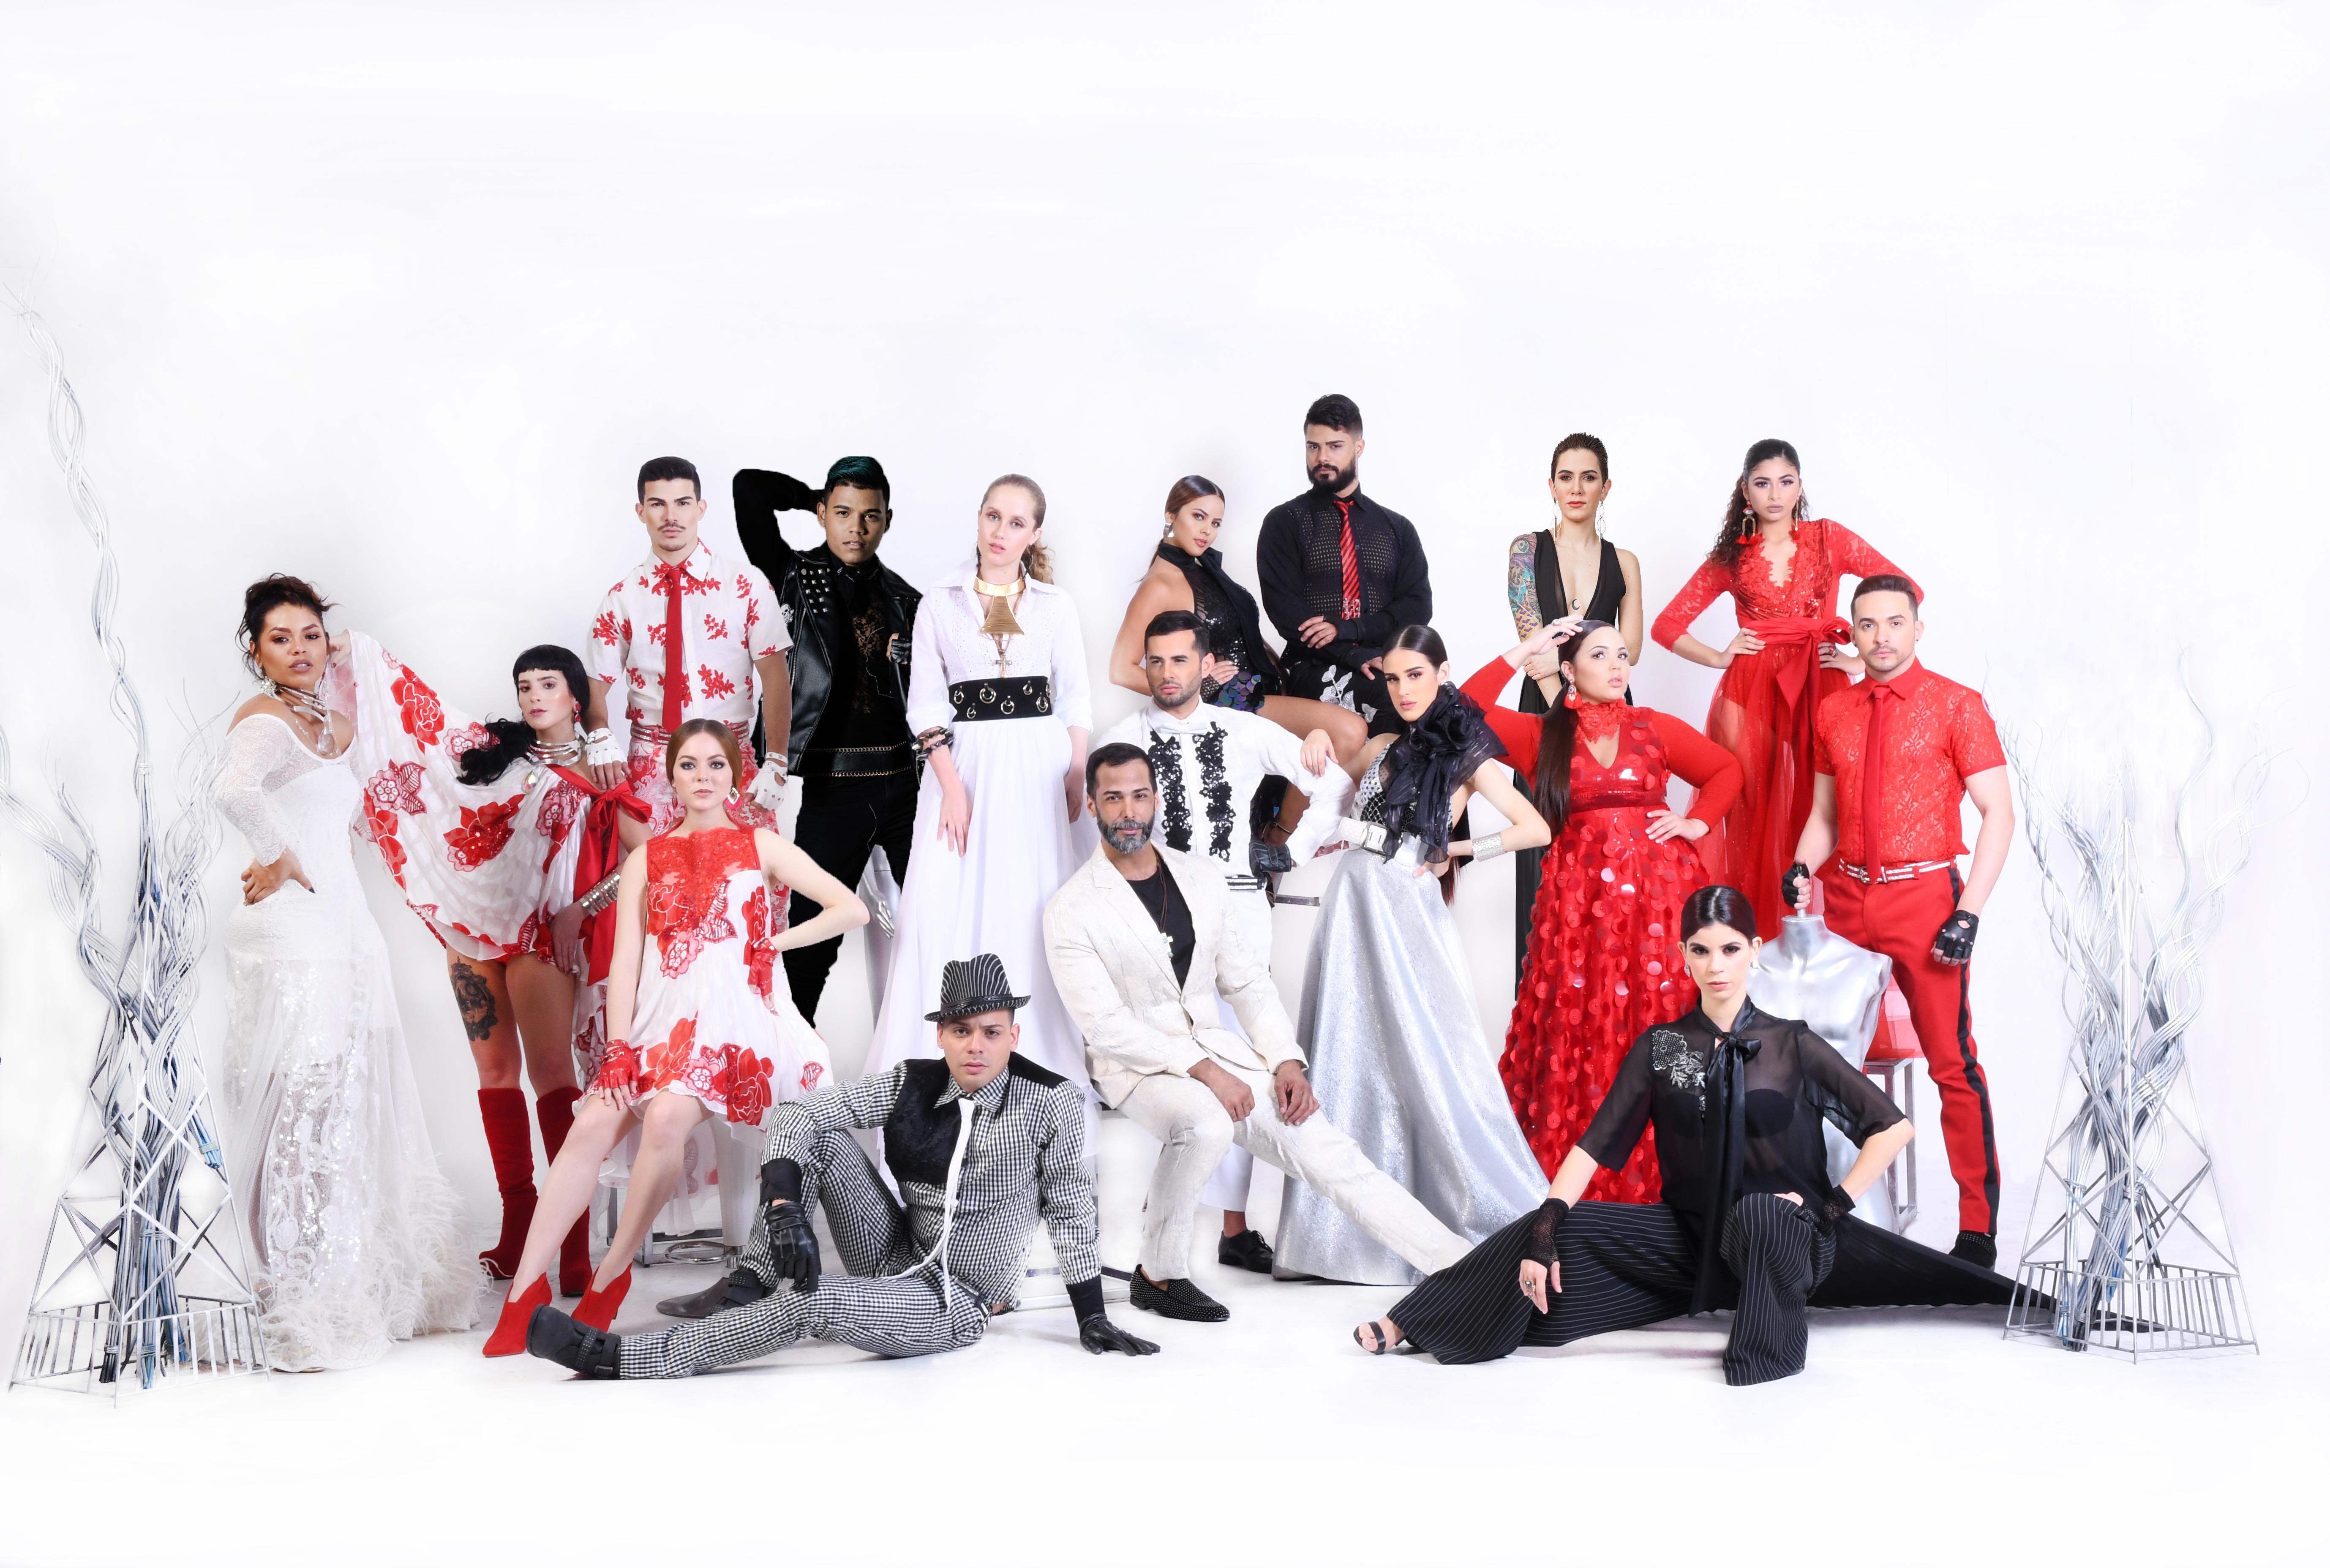 El grupo de concursantes de Tiny World Model All-Stars 2020 junto al diseñador. (Suministrada)